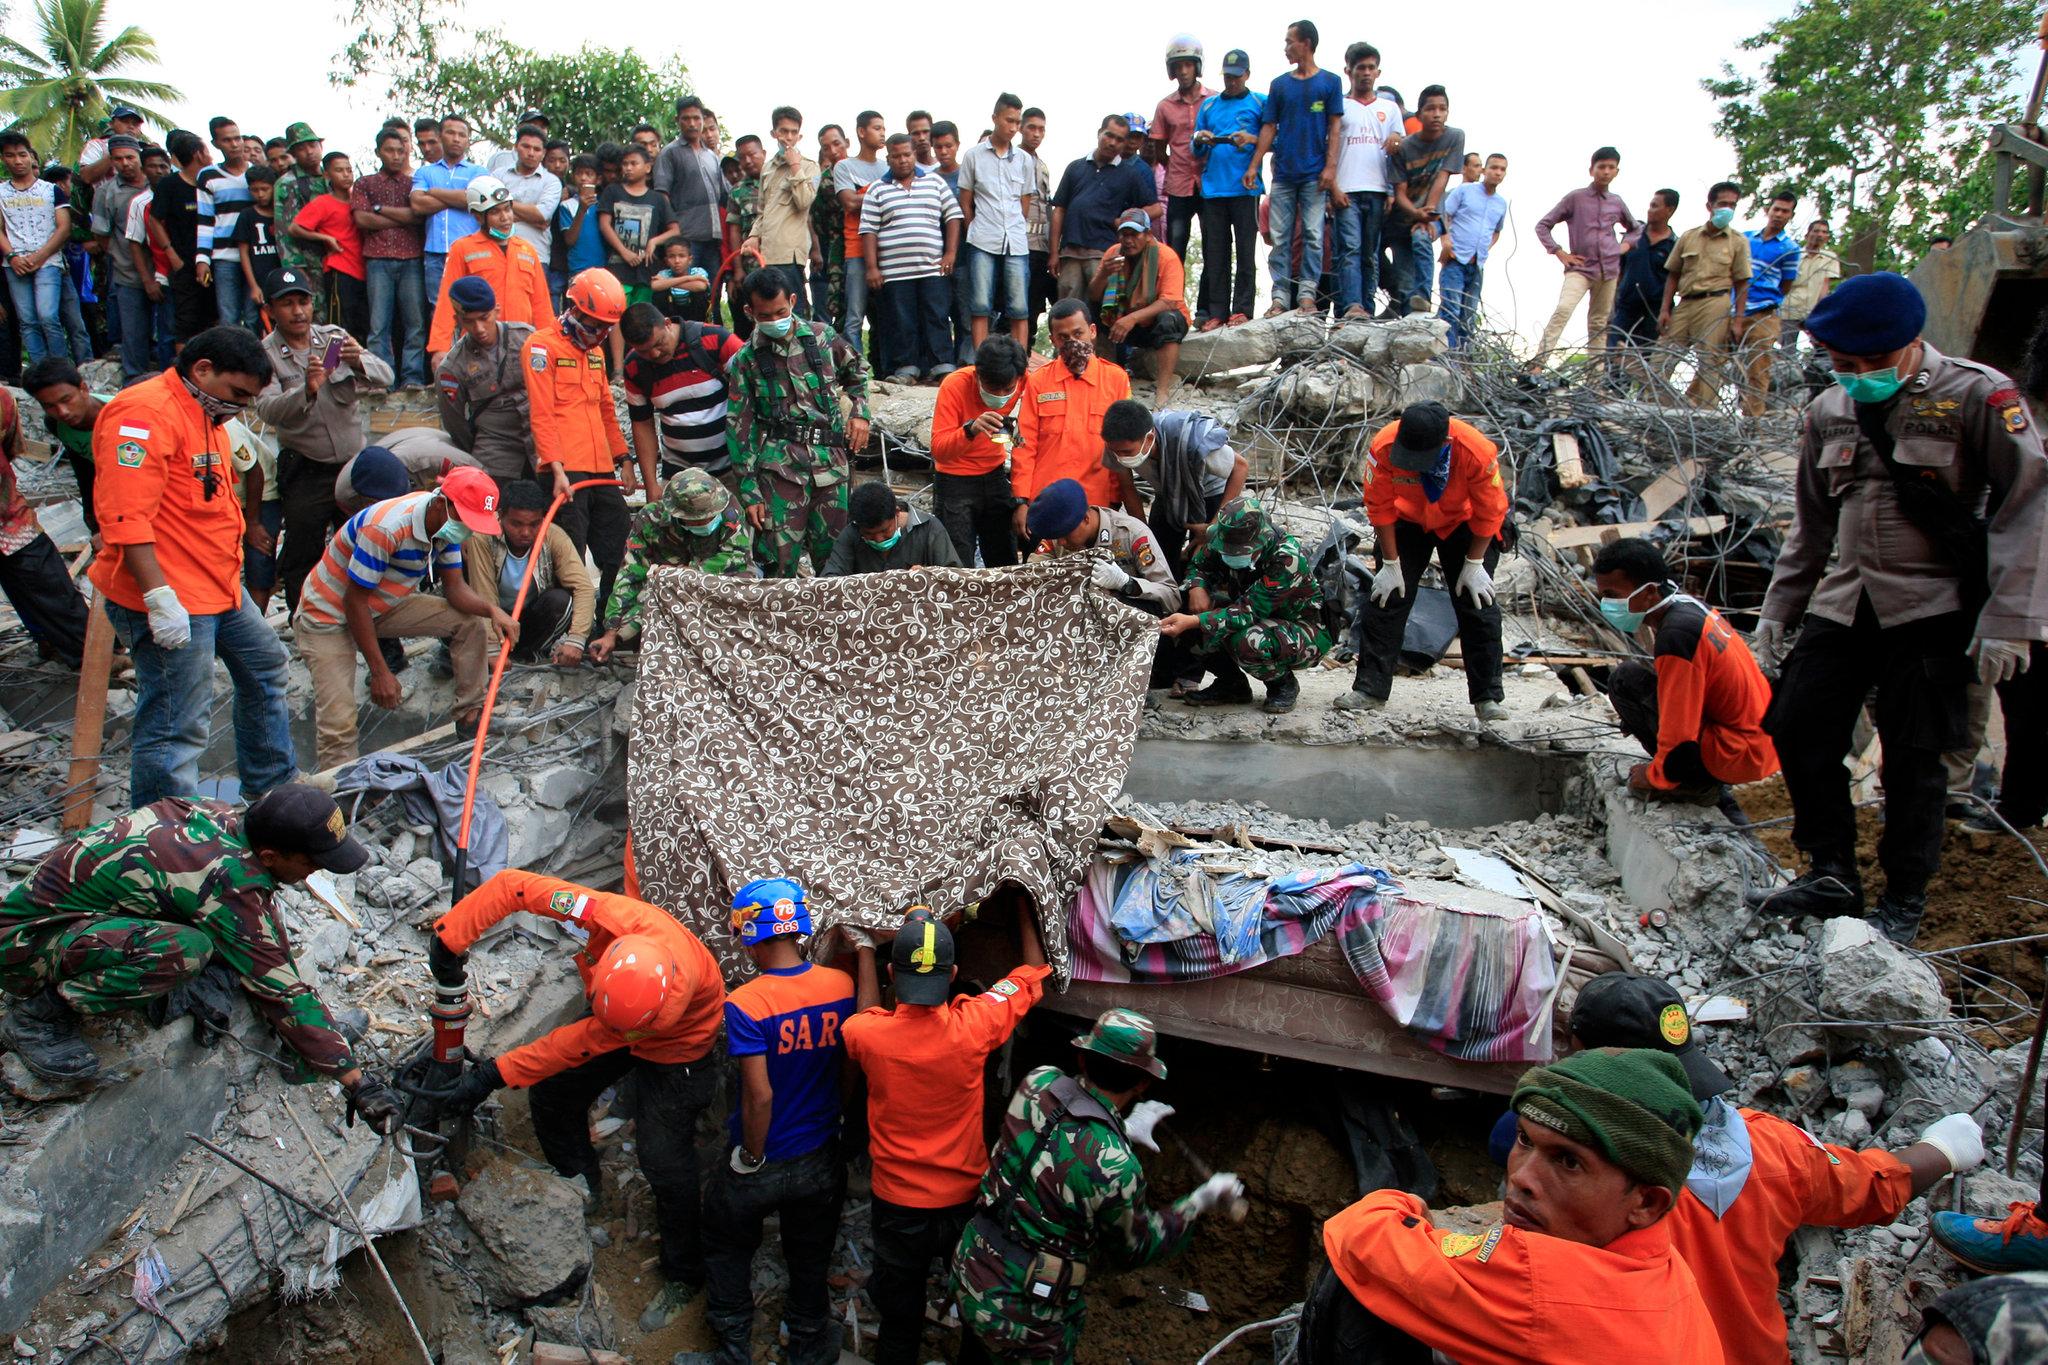 انڈونیشا میں آئے زلزلے میں ہلاکتوں کی تعداد بڑھ کر 100 ، ہزاروں امداد کے منتظر